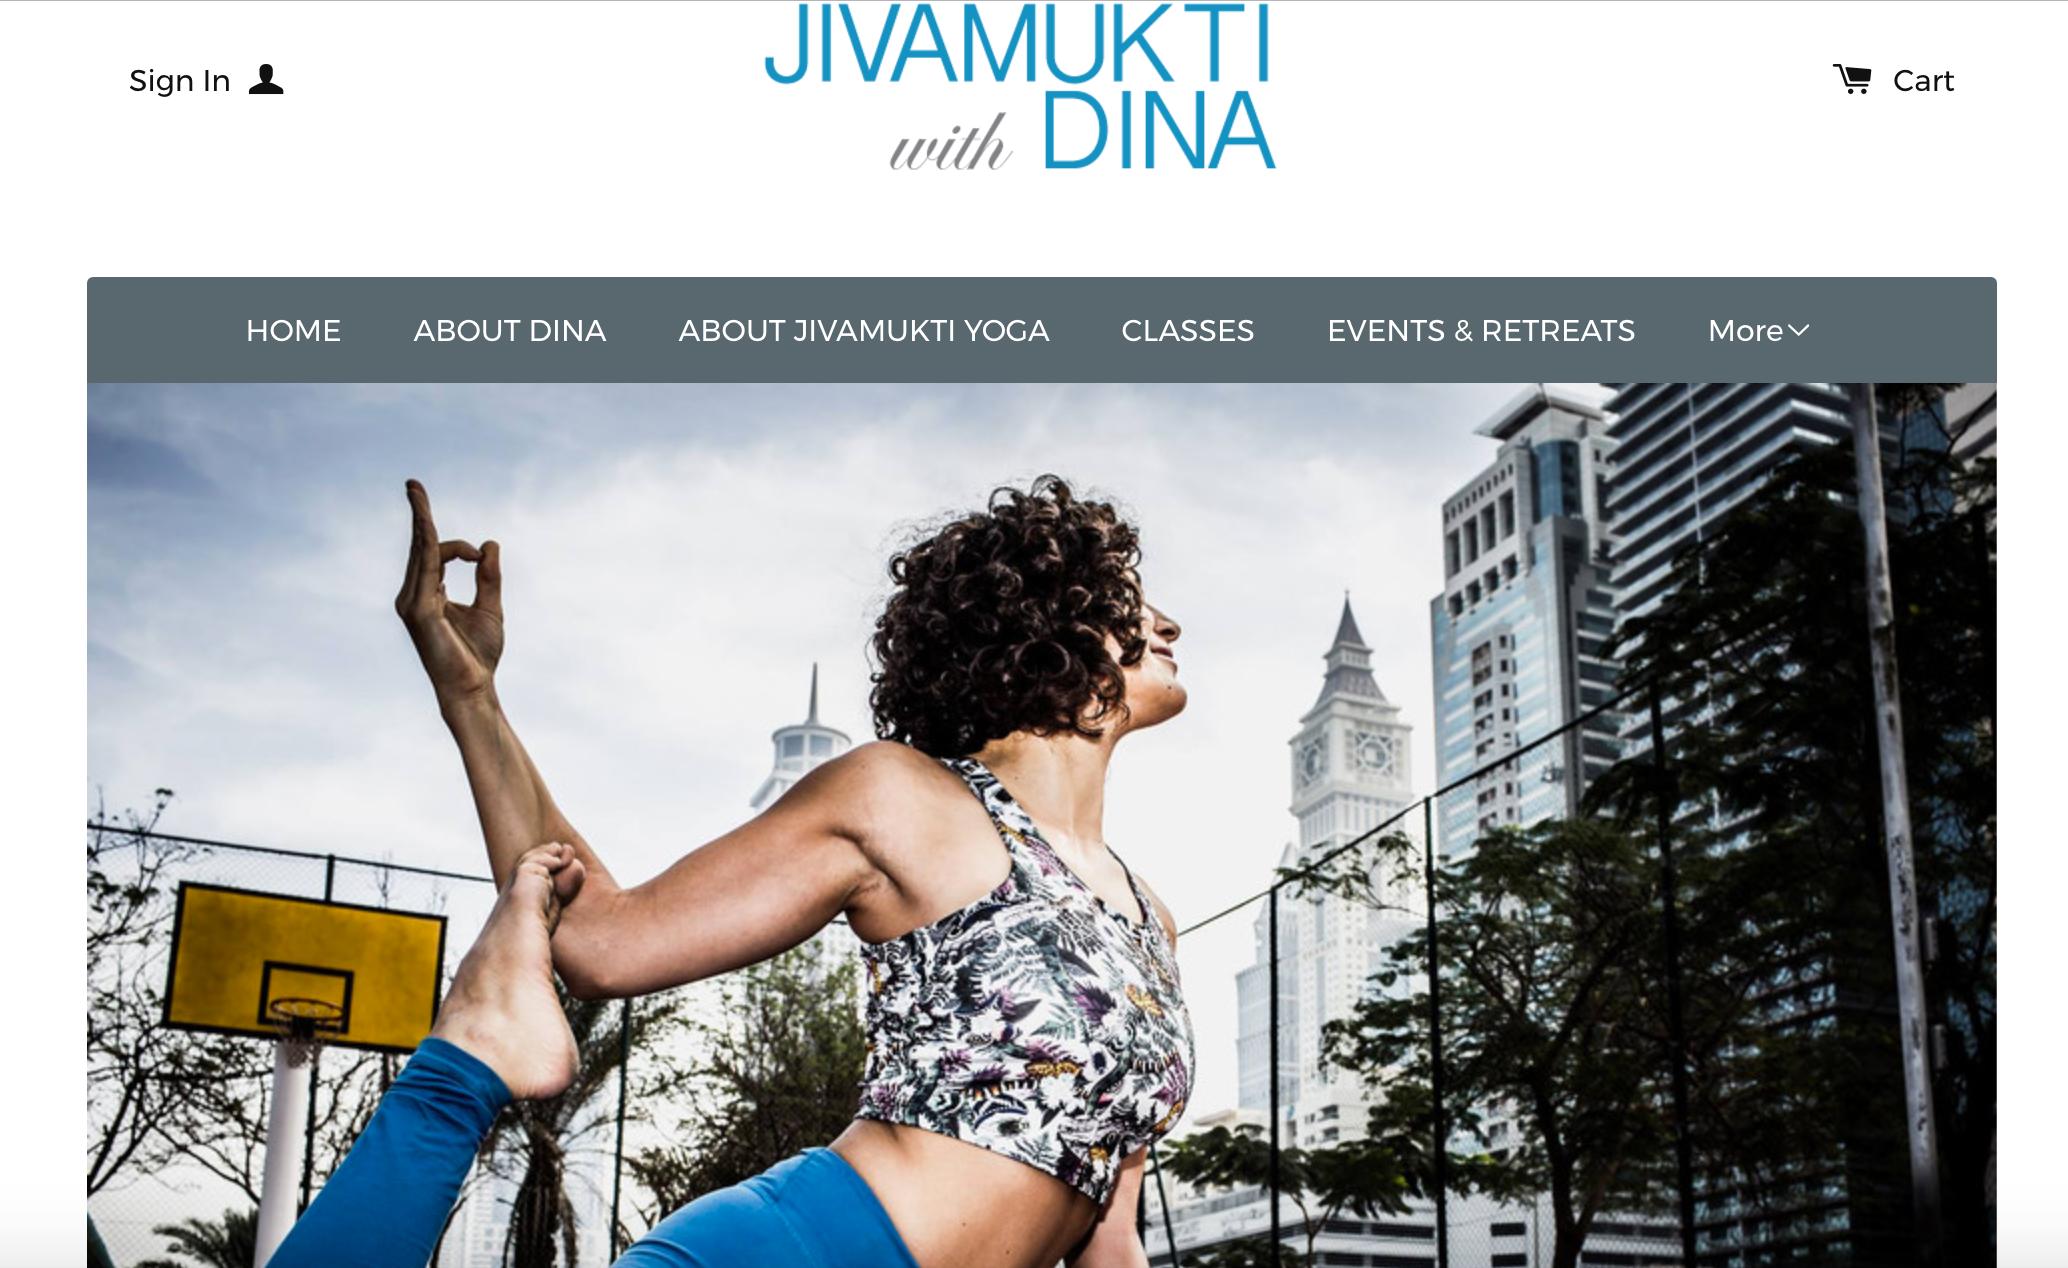 Jivamukti With Dina site.png